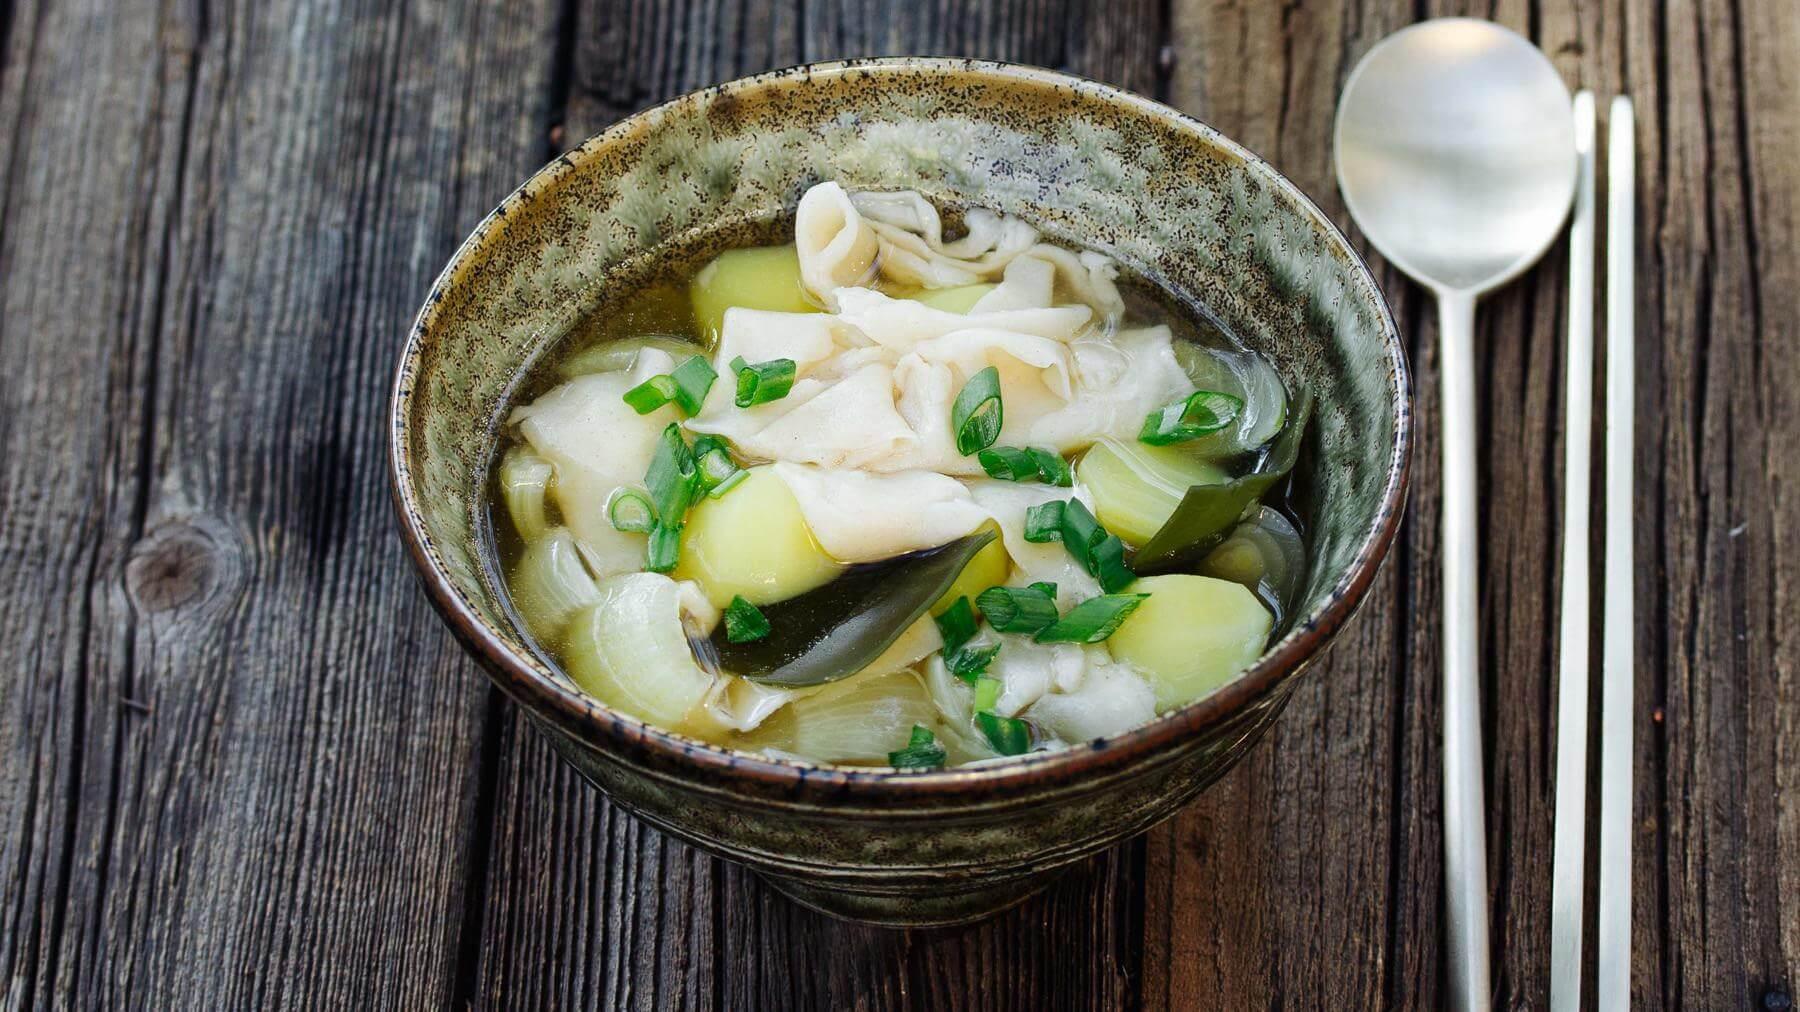 Koreanische Suppe mit handgezogenen Nudeln - Sujebi